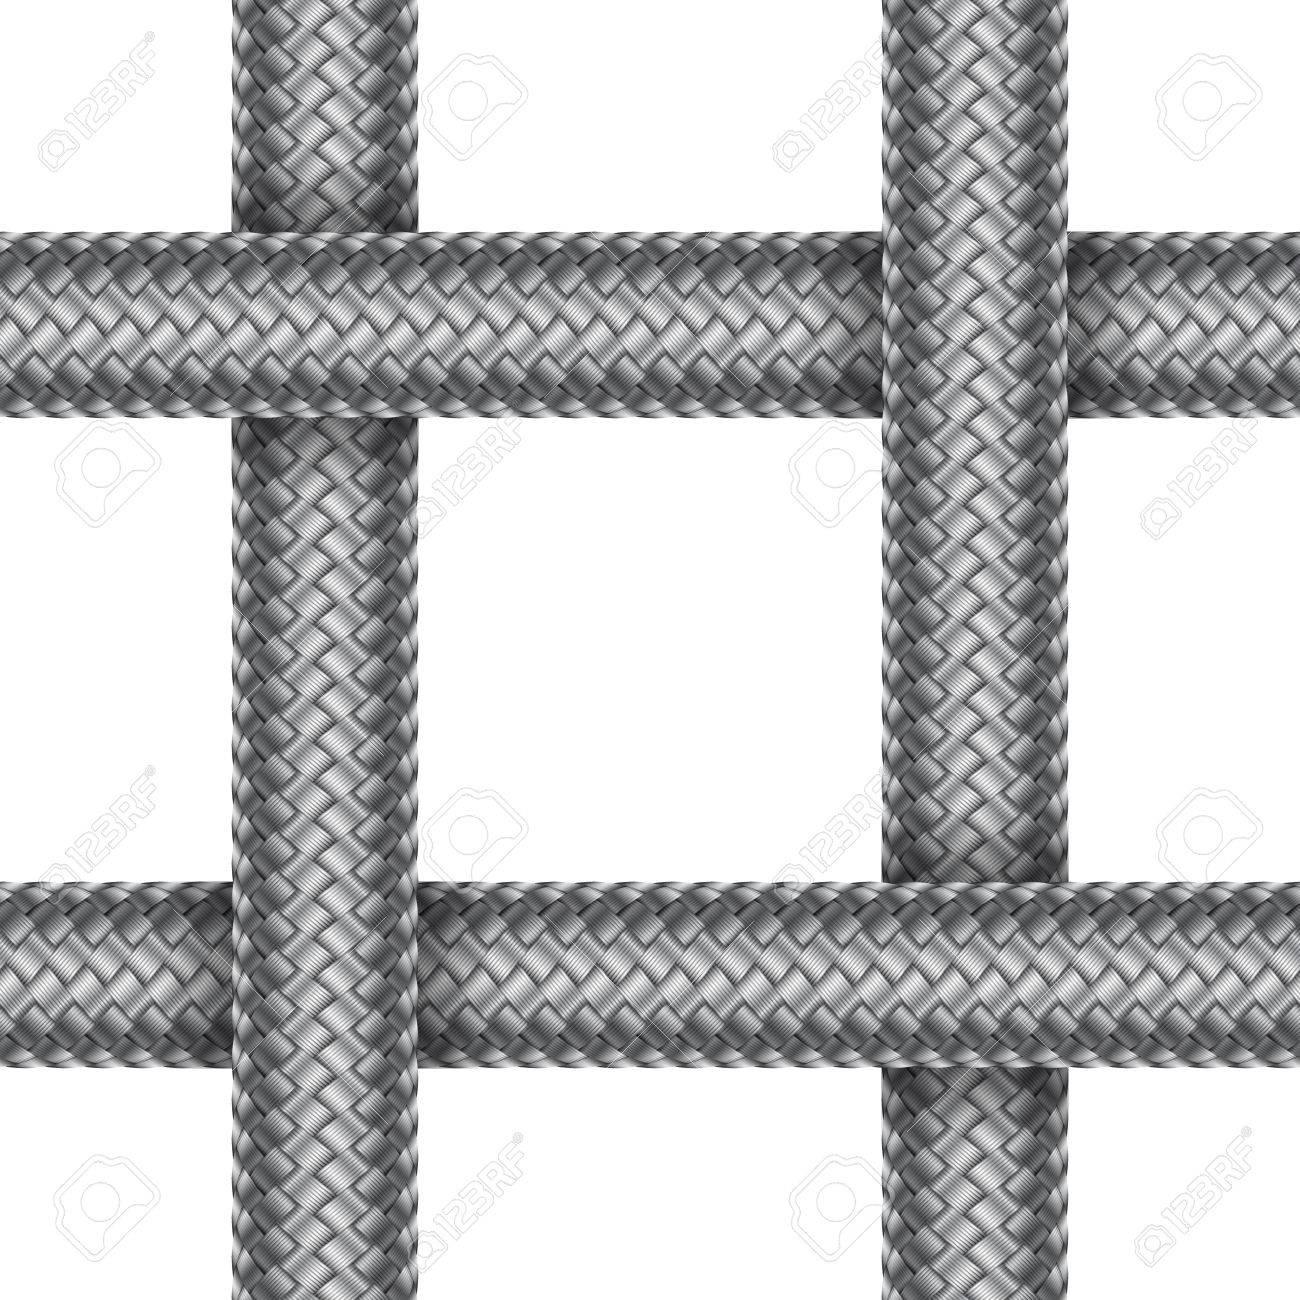 Modelo Inconsútil Del Cordón Trenzado Intersectado. Ilustración Del ...